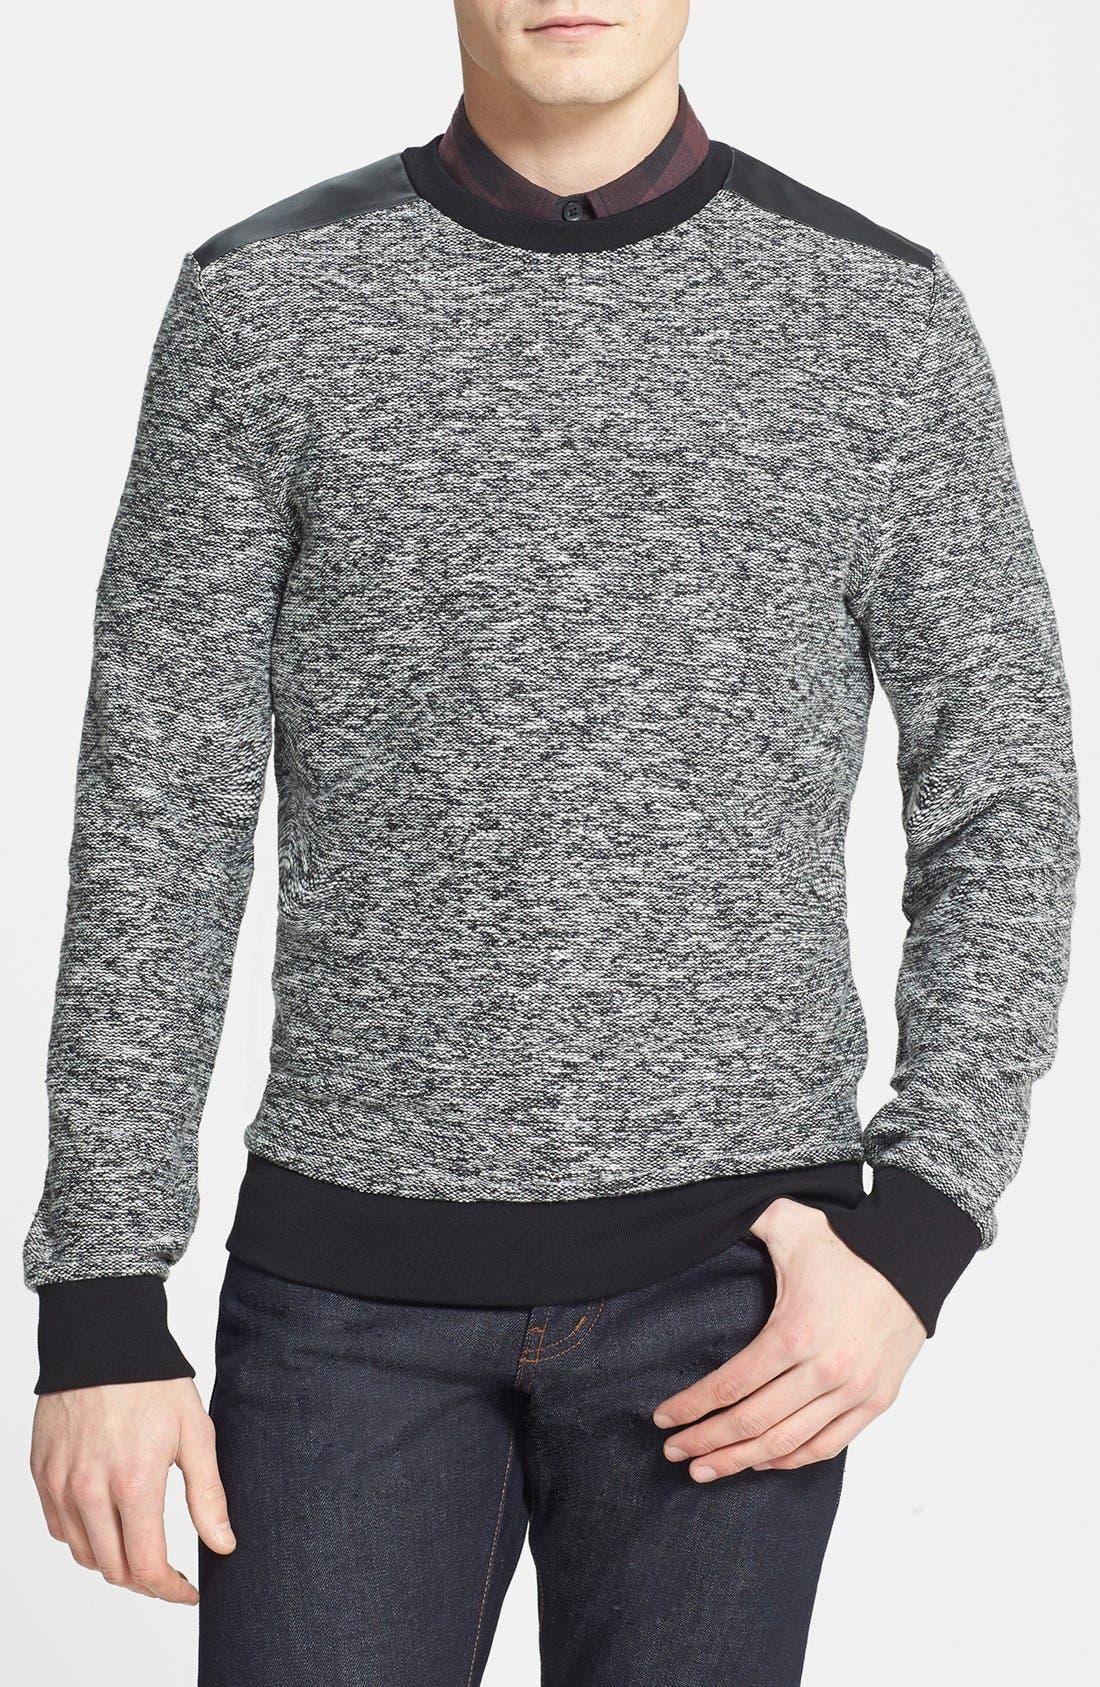 Main Image - Topman Crewneck Sweatshirt with Faux Leather Shoulder Trim